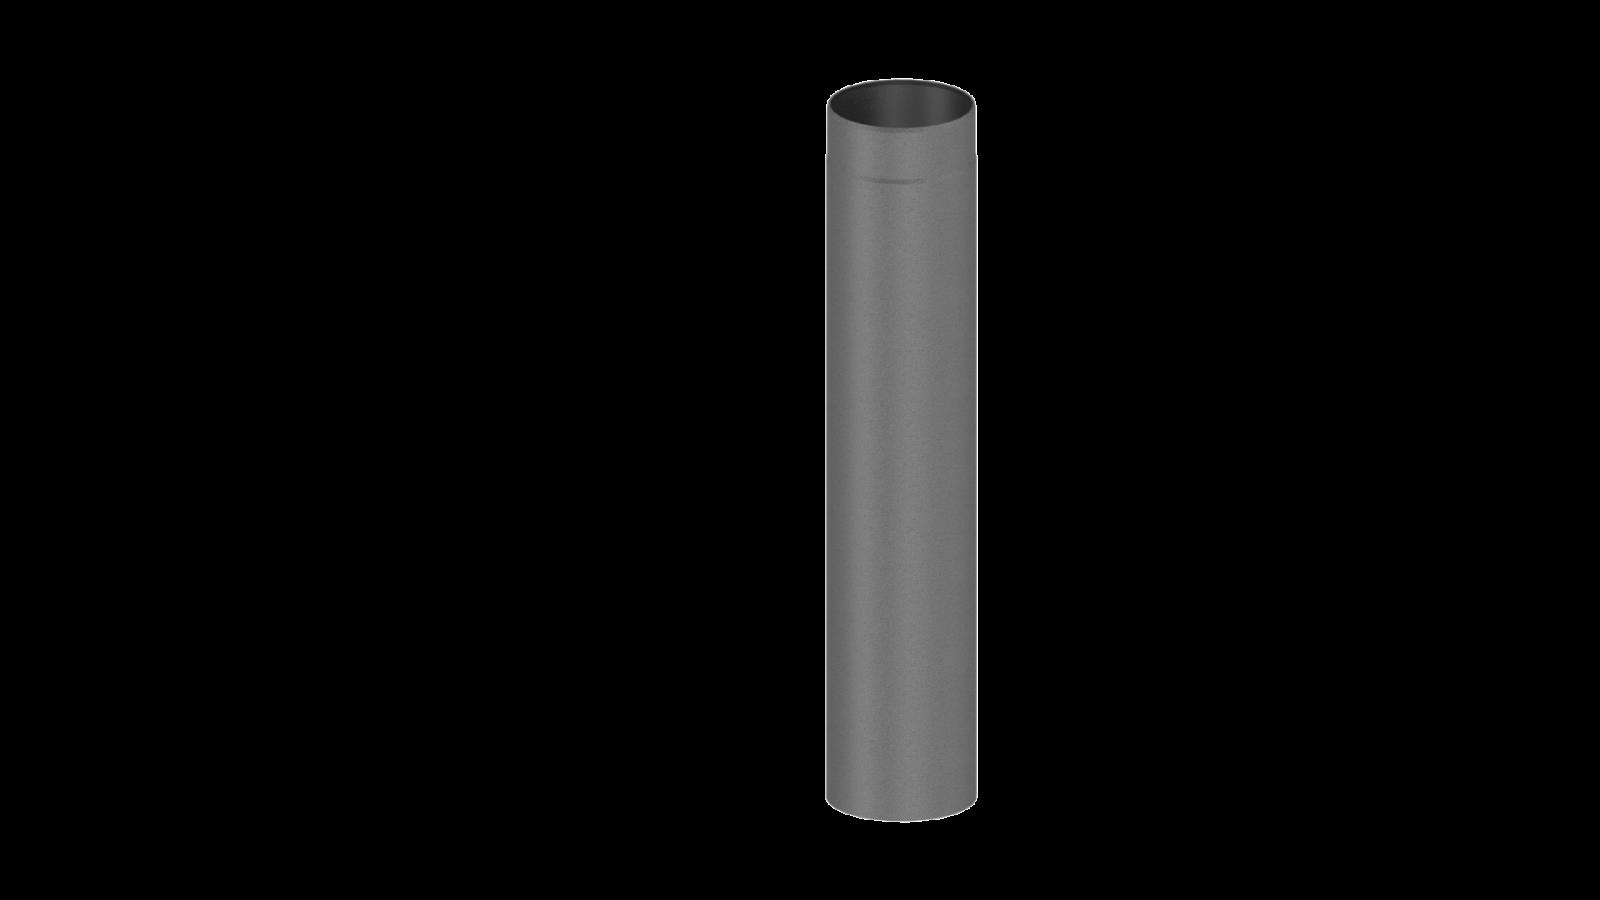 element droit 750mm gris conduit po le bois double paroi tec fr isoline chemineeo. Black Bedroom Furniture Sets. Home Design Ideas